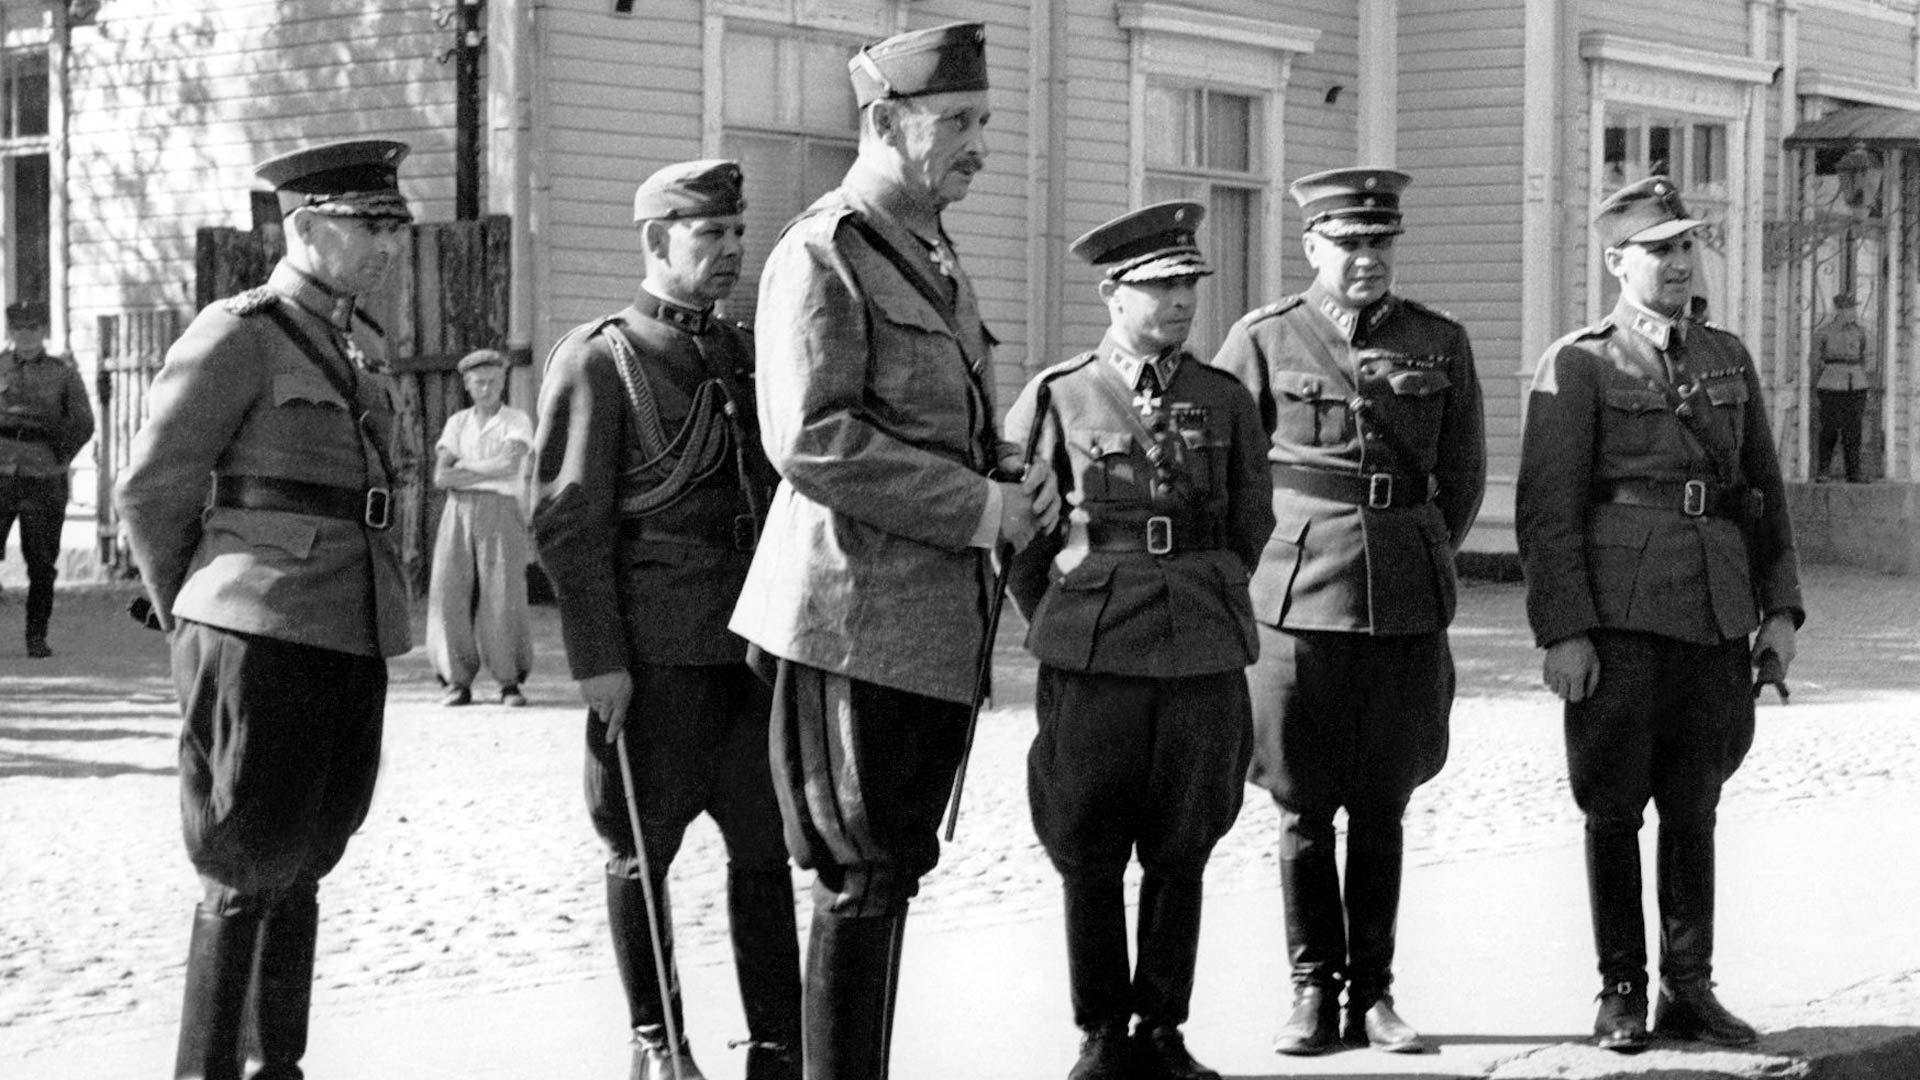 Marsalkka Mannerheim seurueineen päämajan edustalla, seurueessa mm. majuri Ragnar Grönvall ja kenraali Aksel Airo.